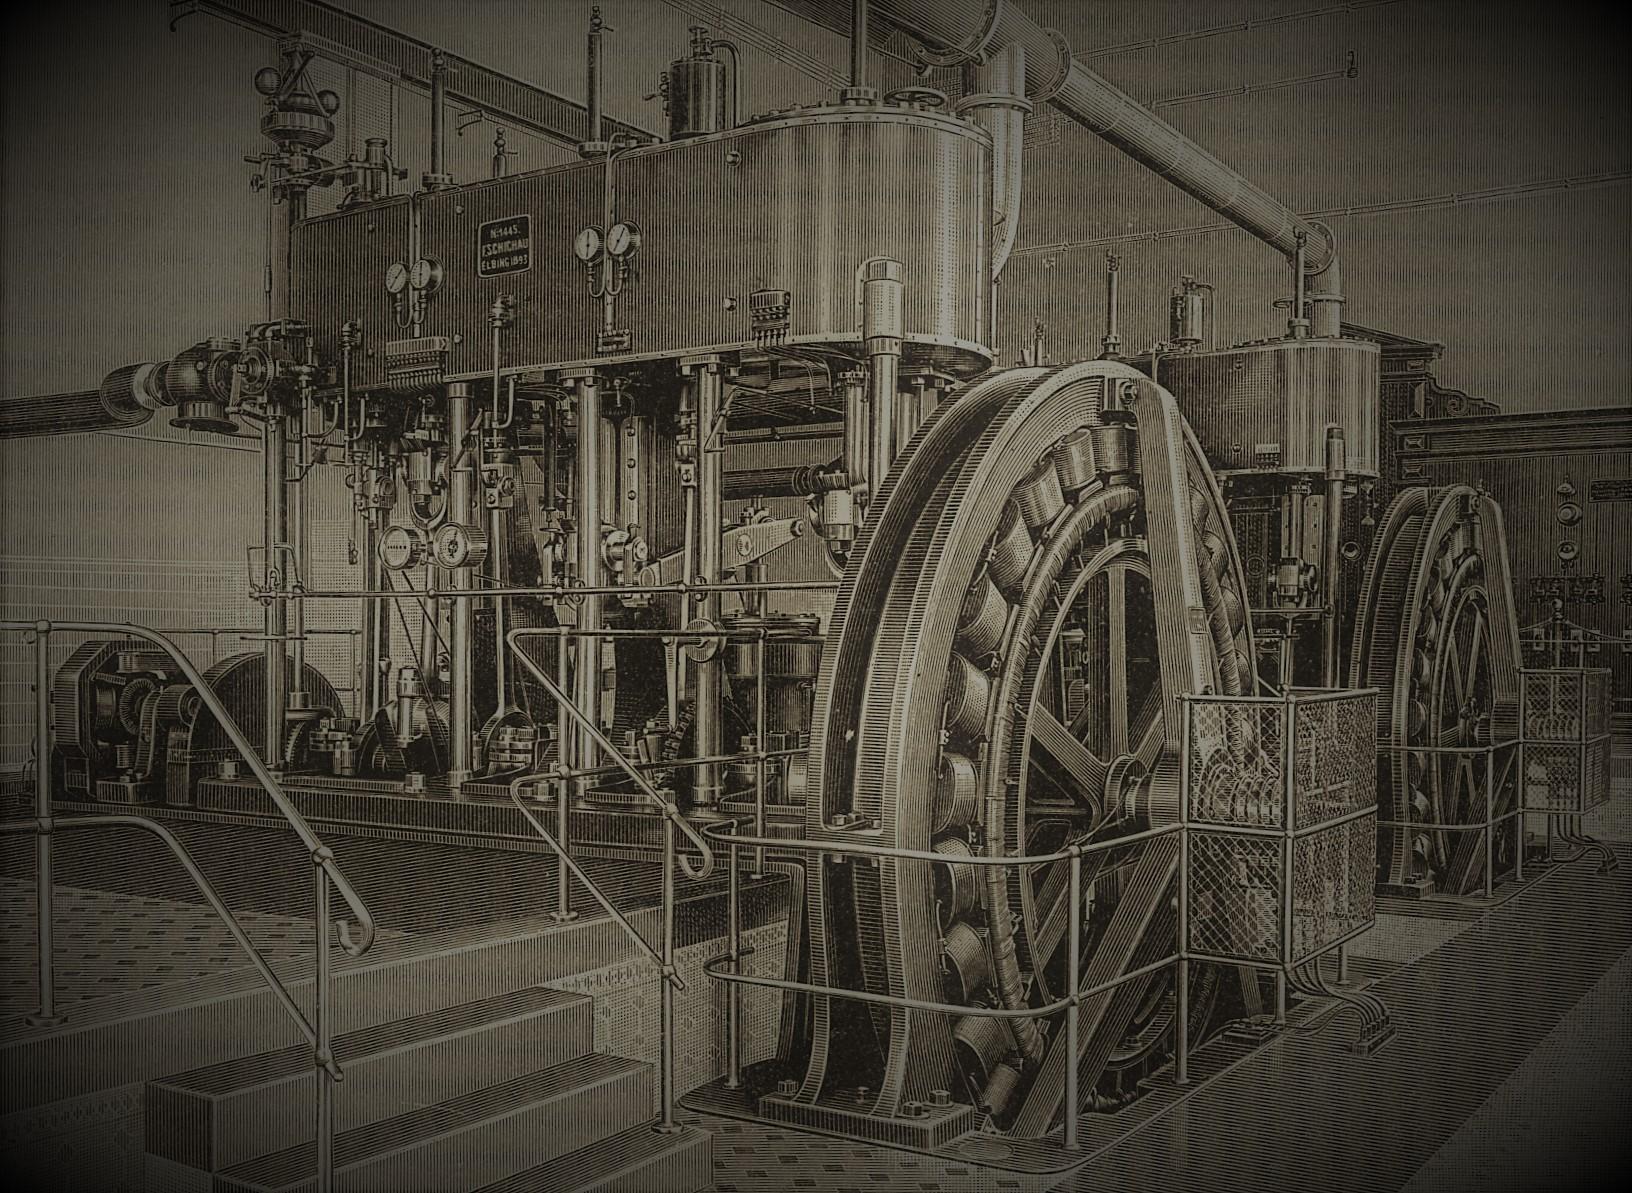 Generatorhalle